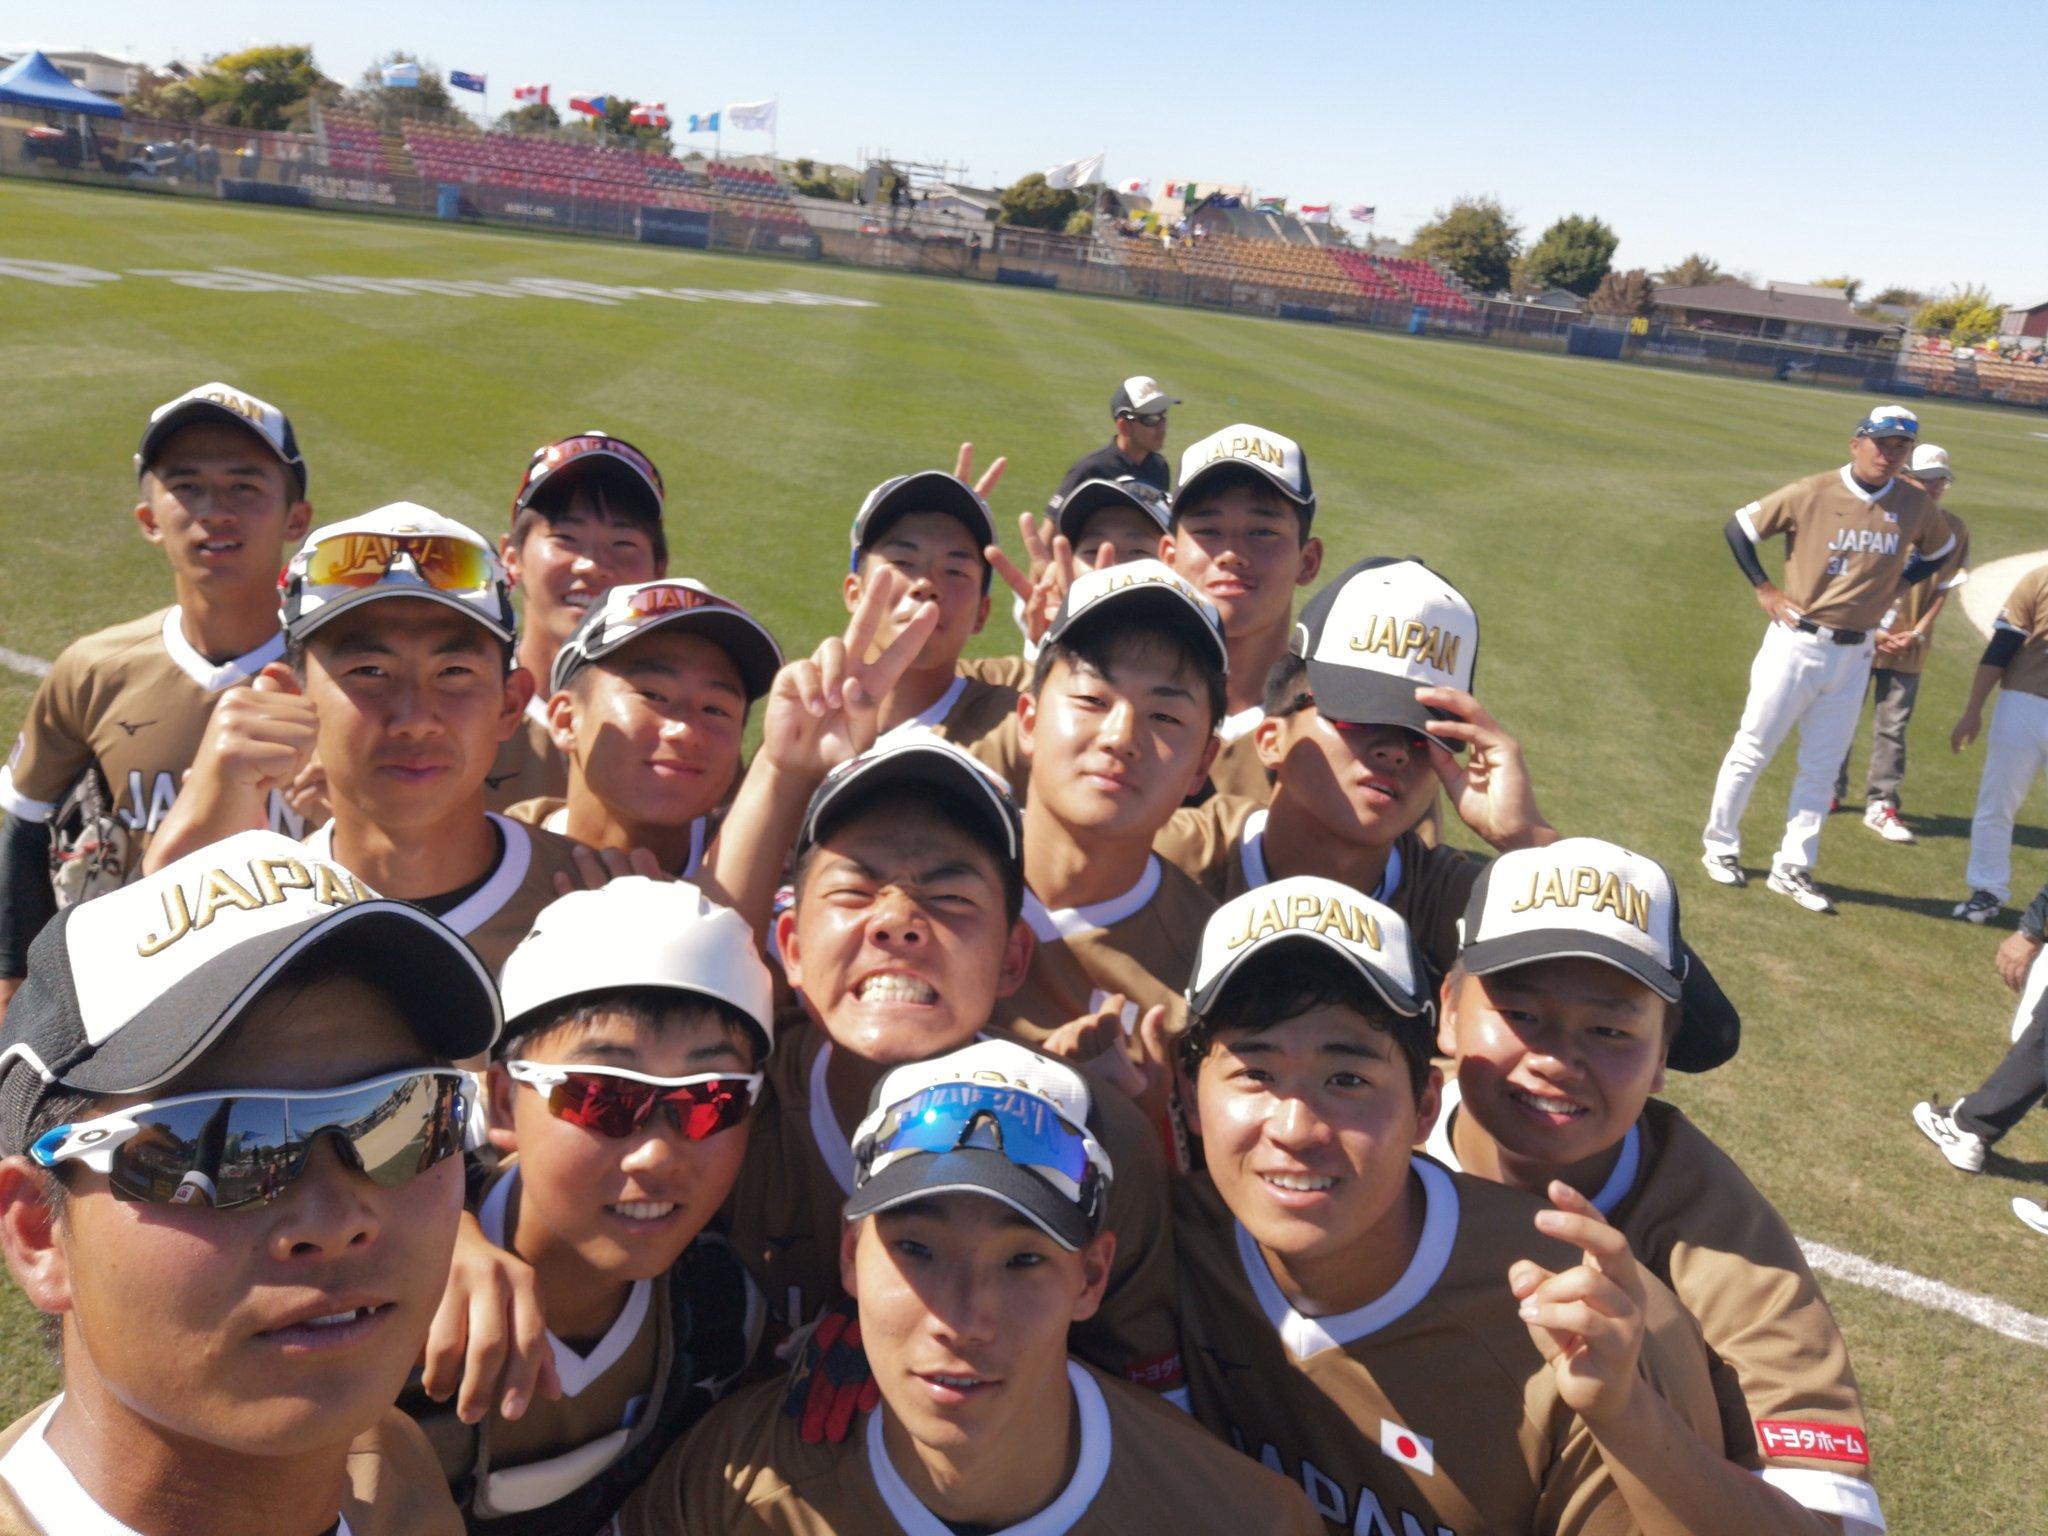 Los japoneses le propinaron su segunda derrota a México en el Mundial Sub-18.